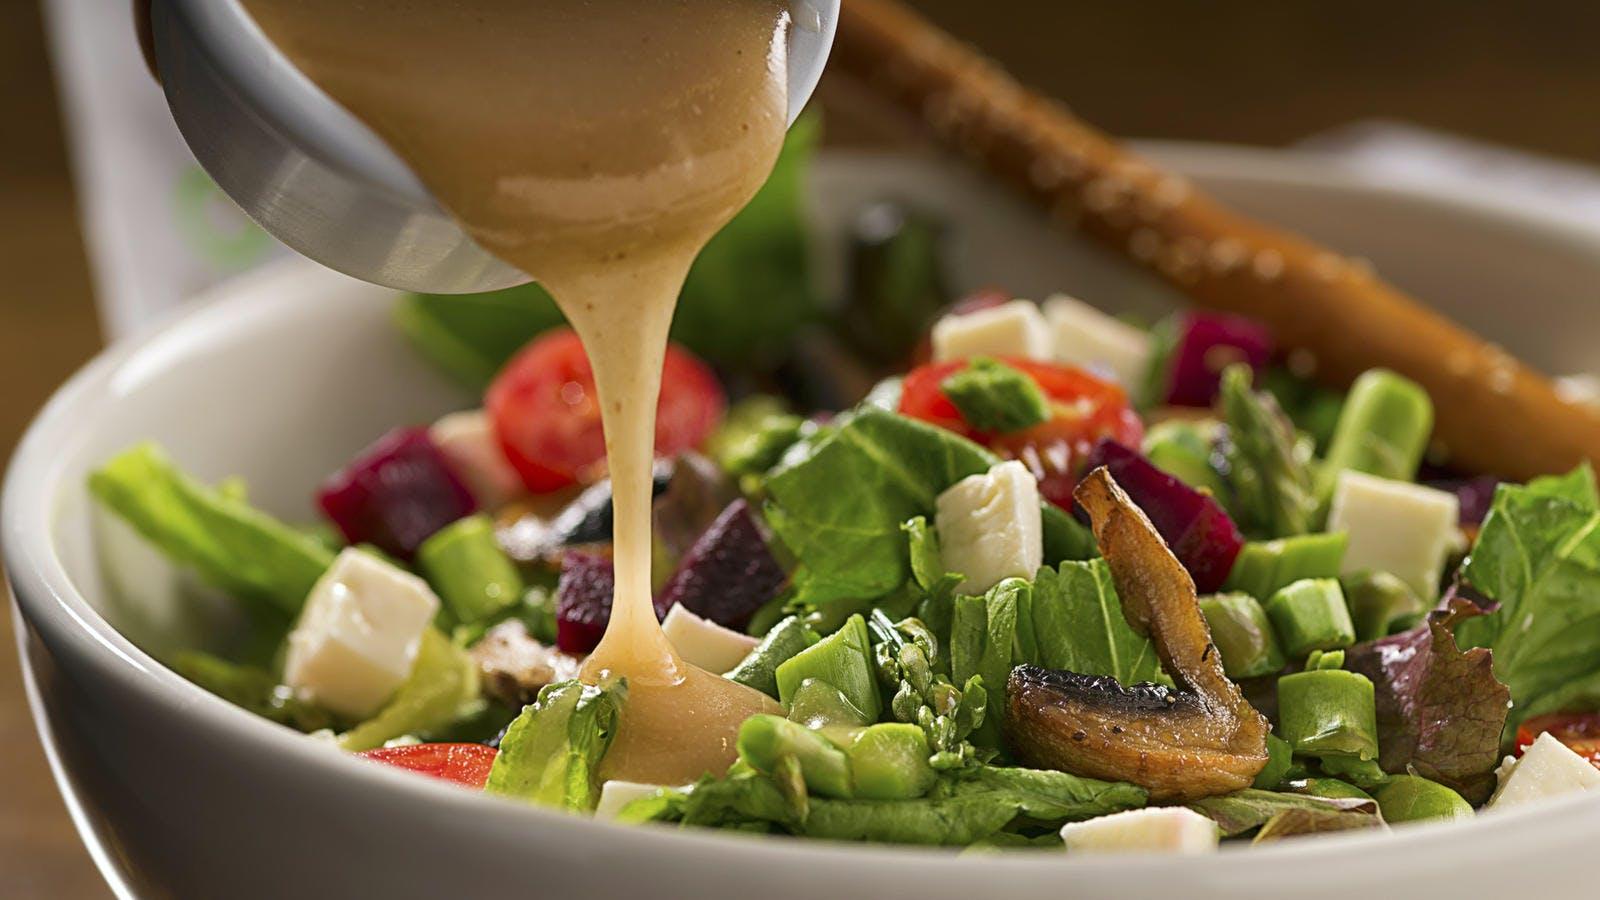 Ny studie: Grönsaker är nyttigare tillsammans med fet dressing